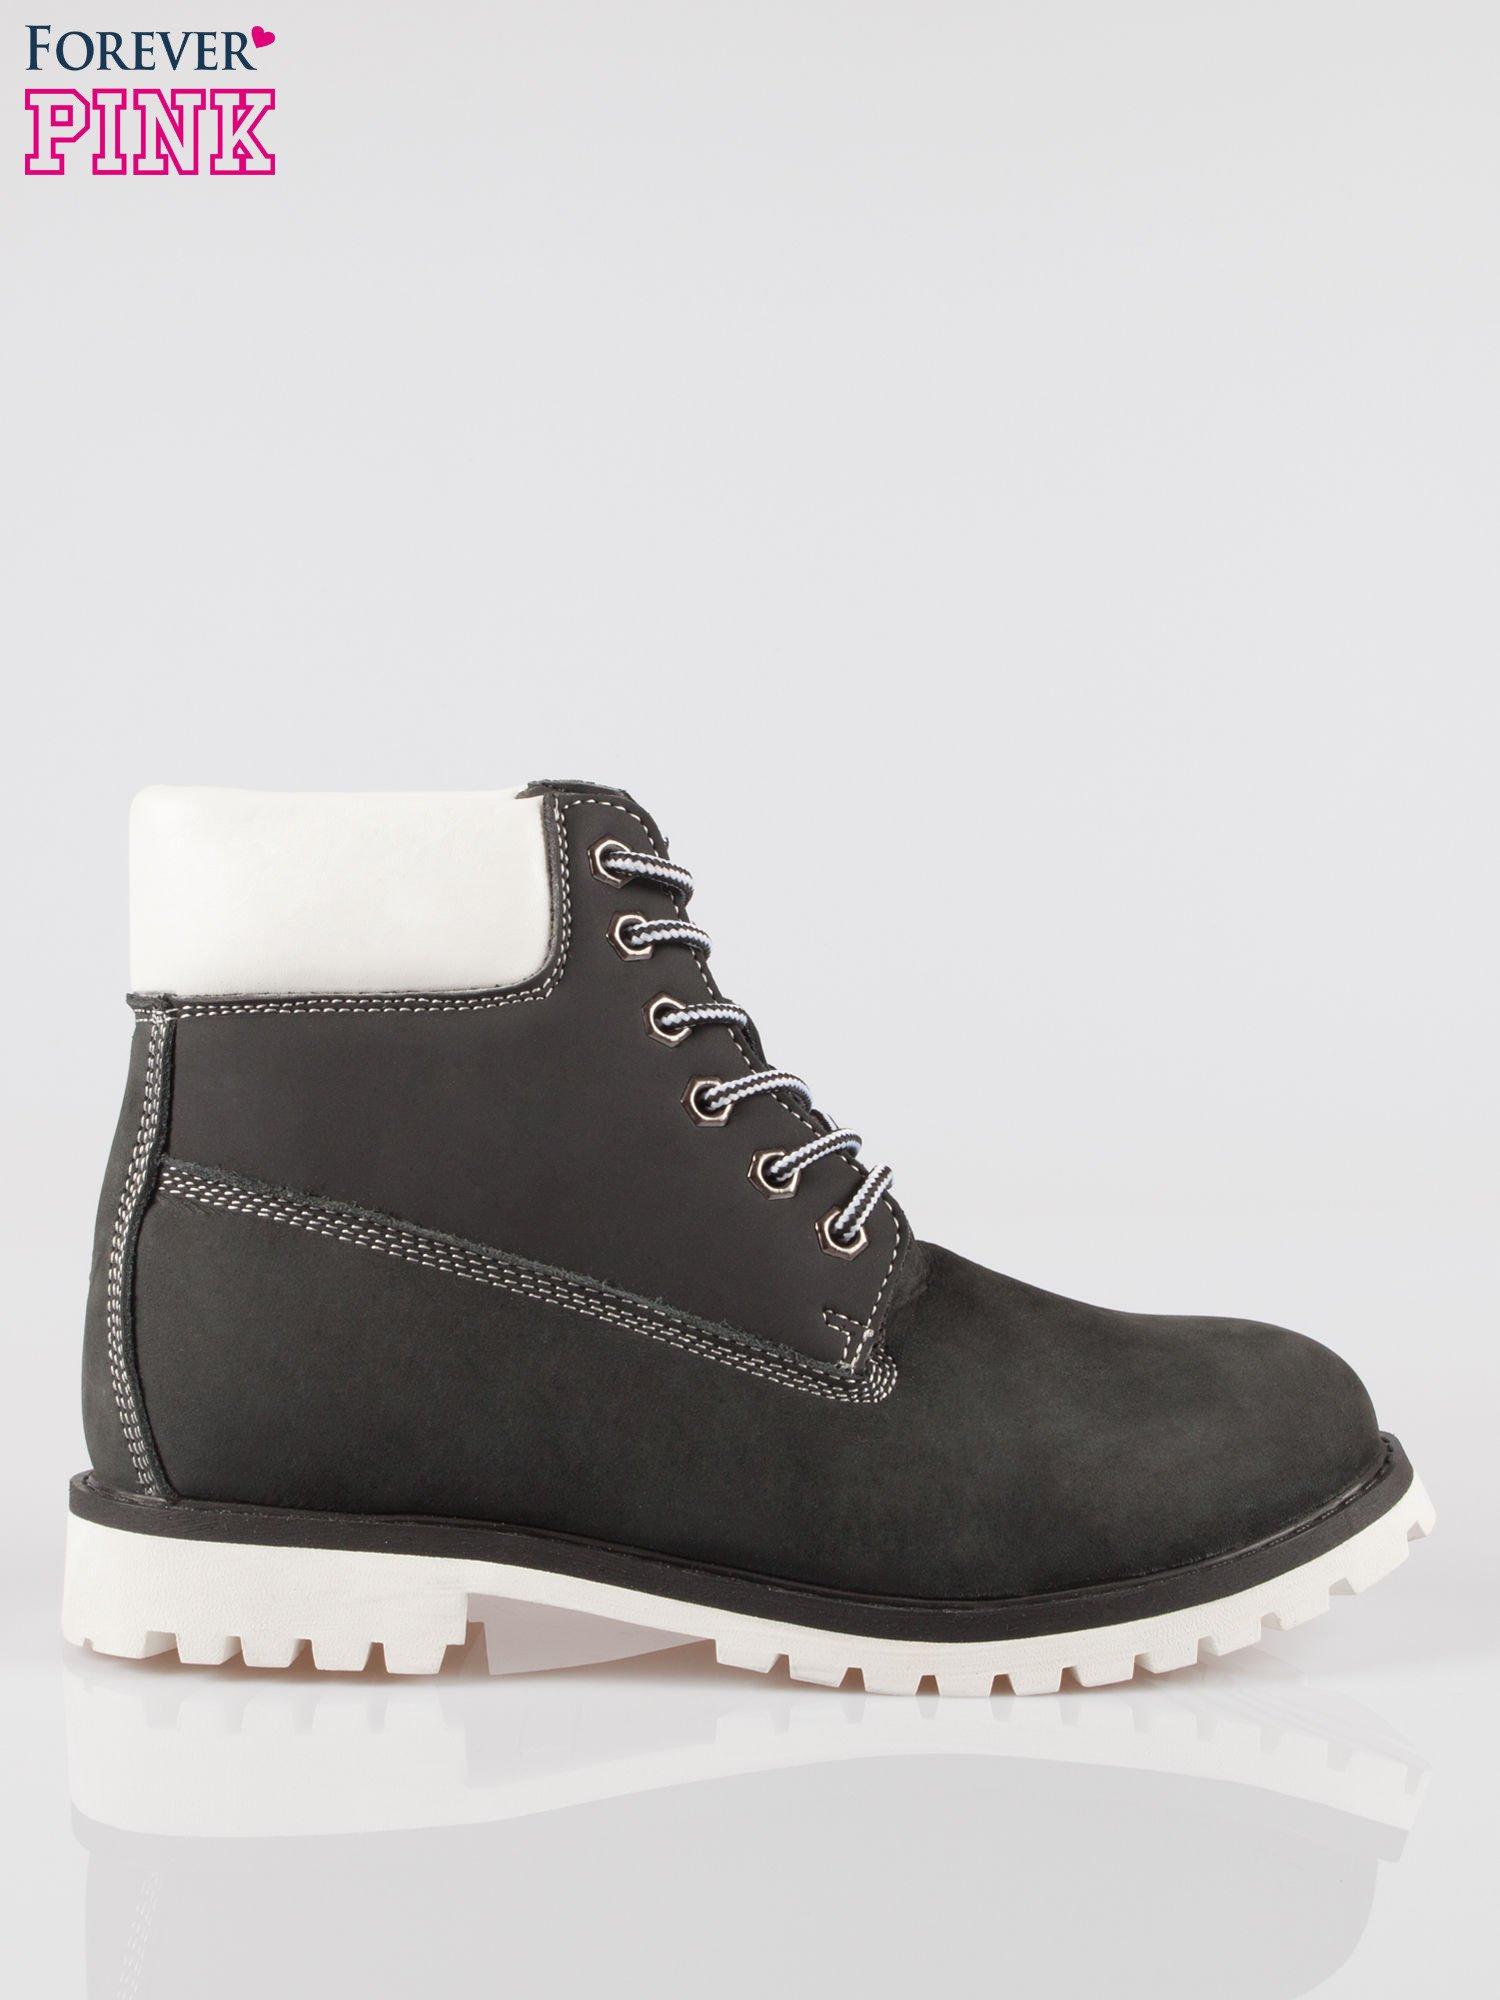 Czarne buty trekkingowe traperki damskie ze skóry naturalnej                                  zdj.                                  1